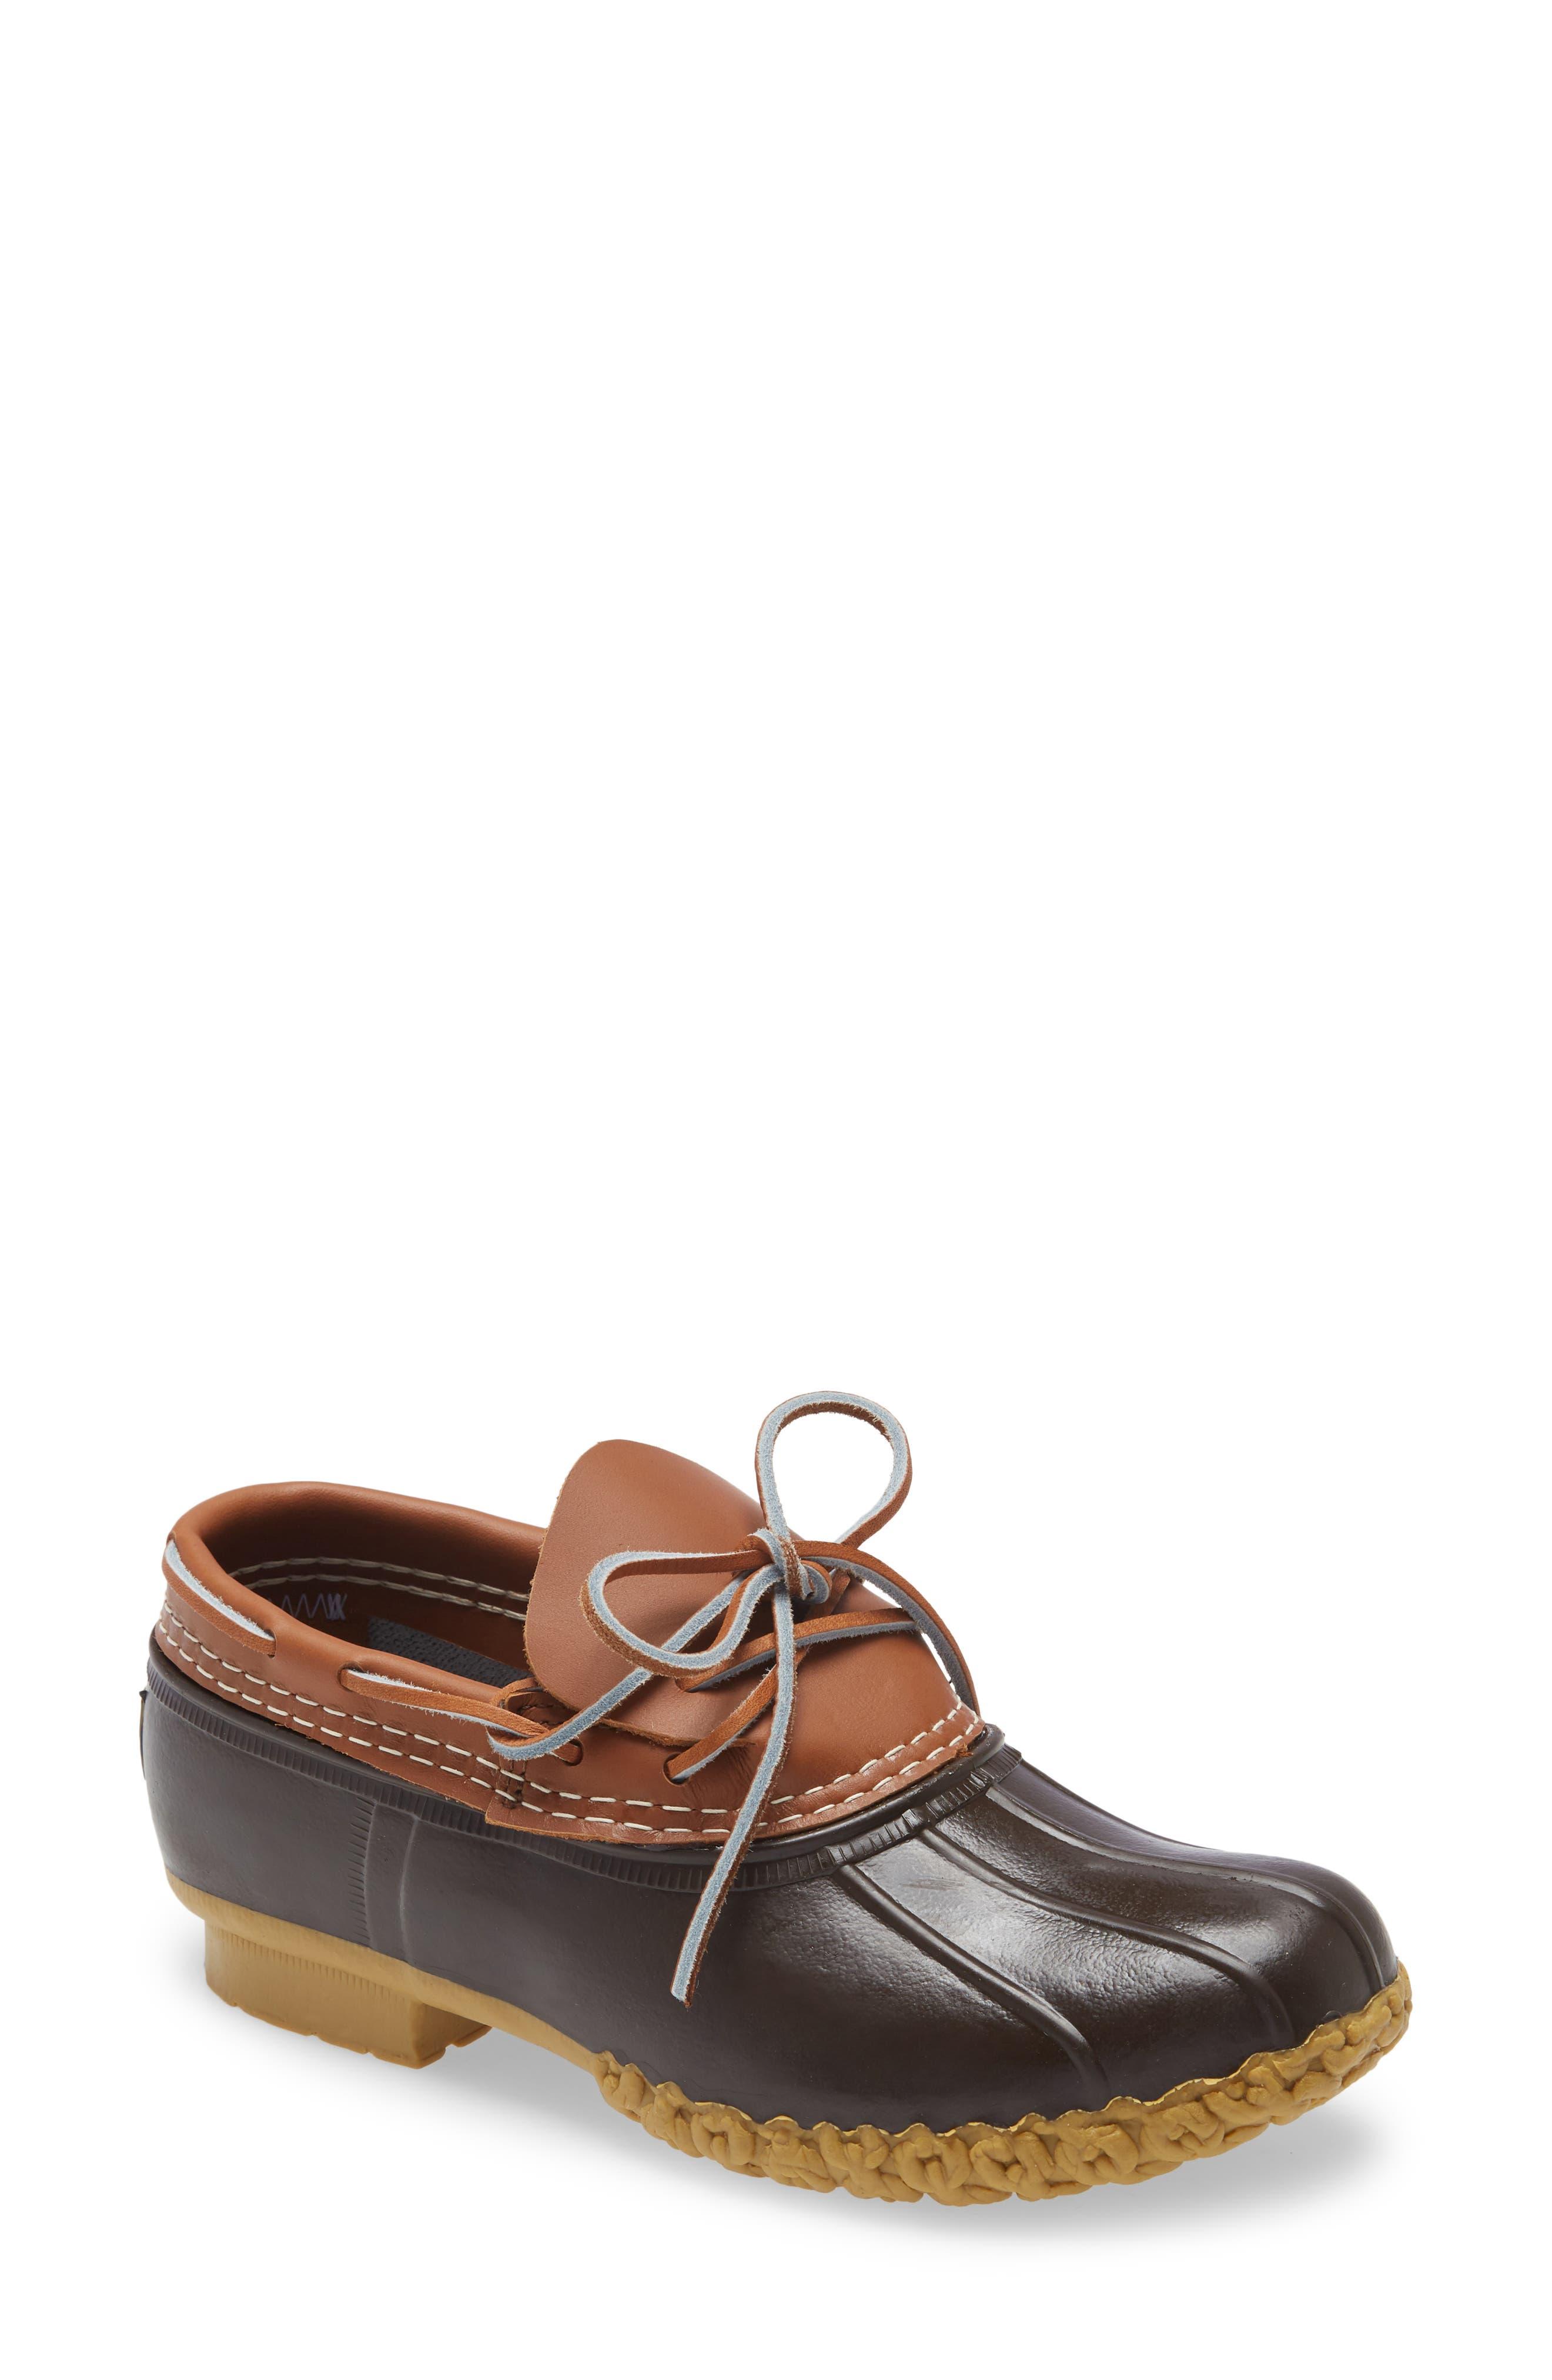 Waterproof Rubber Moc Boot